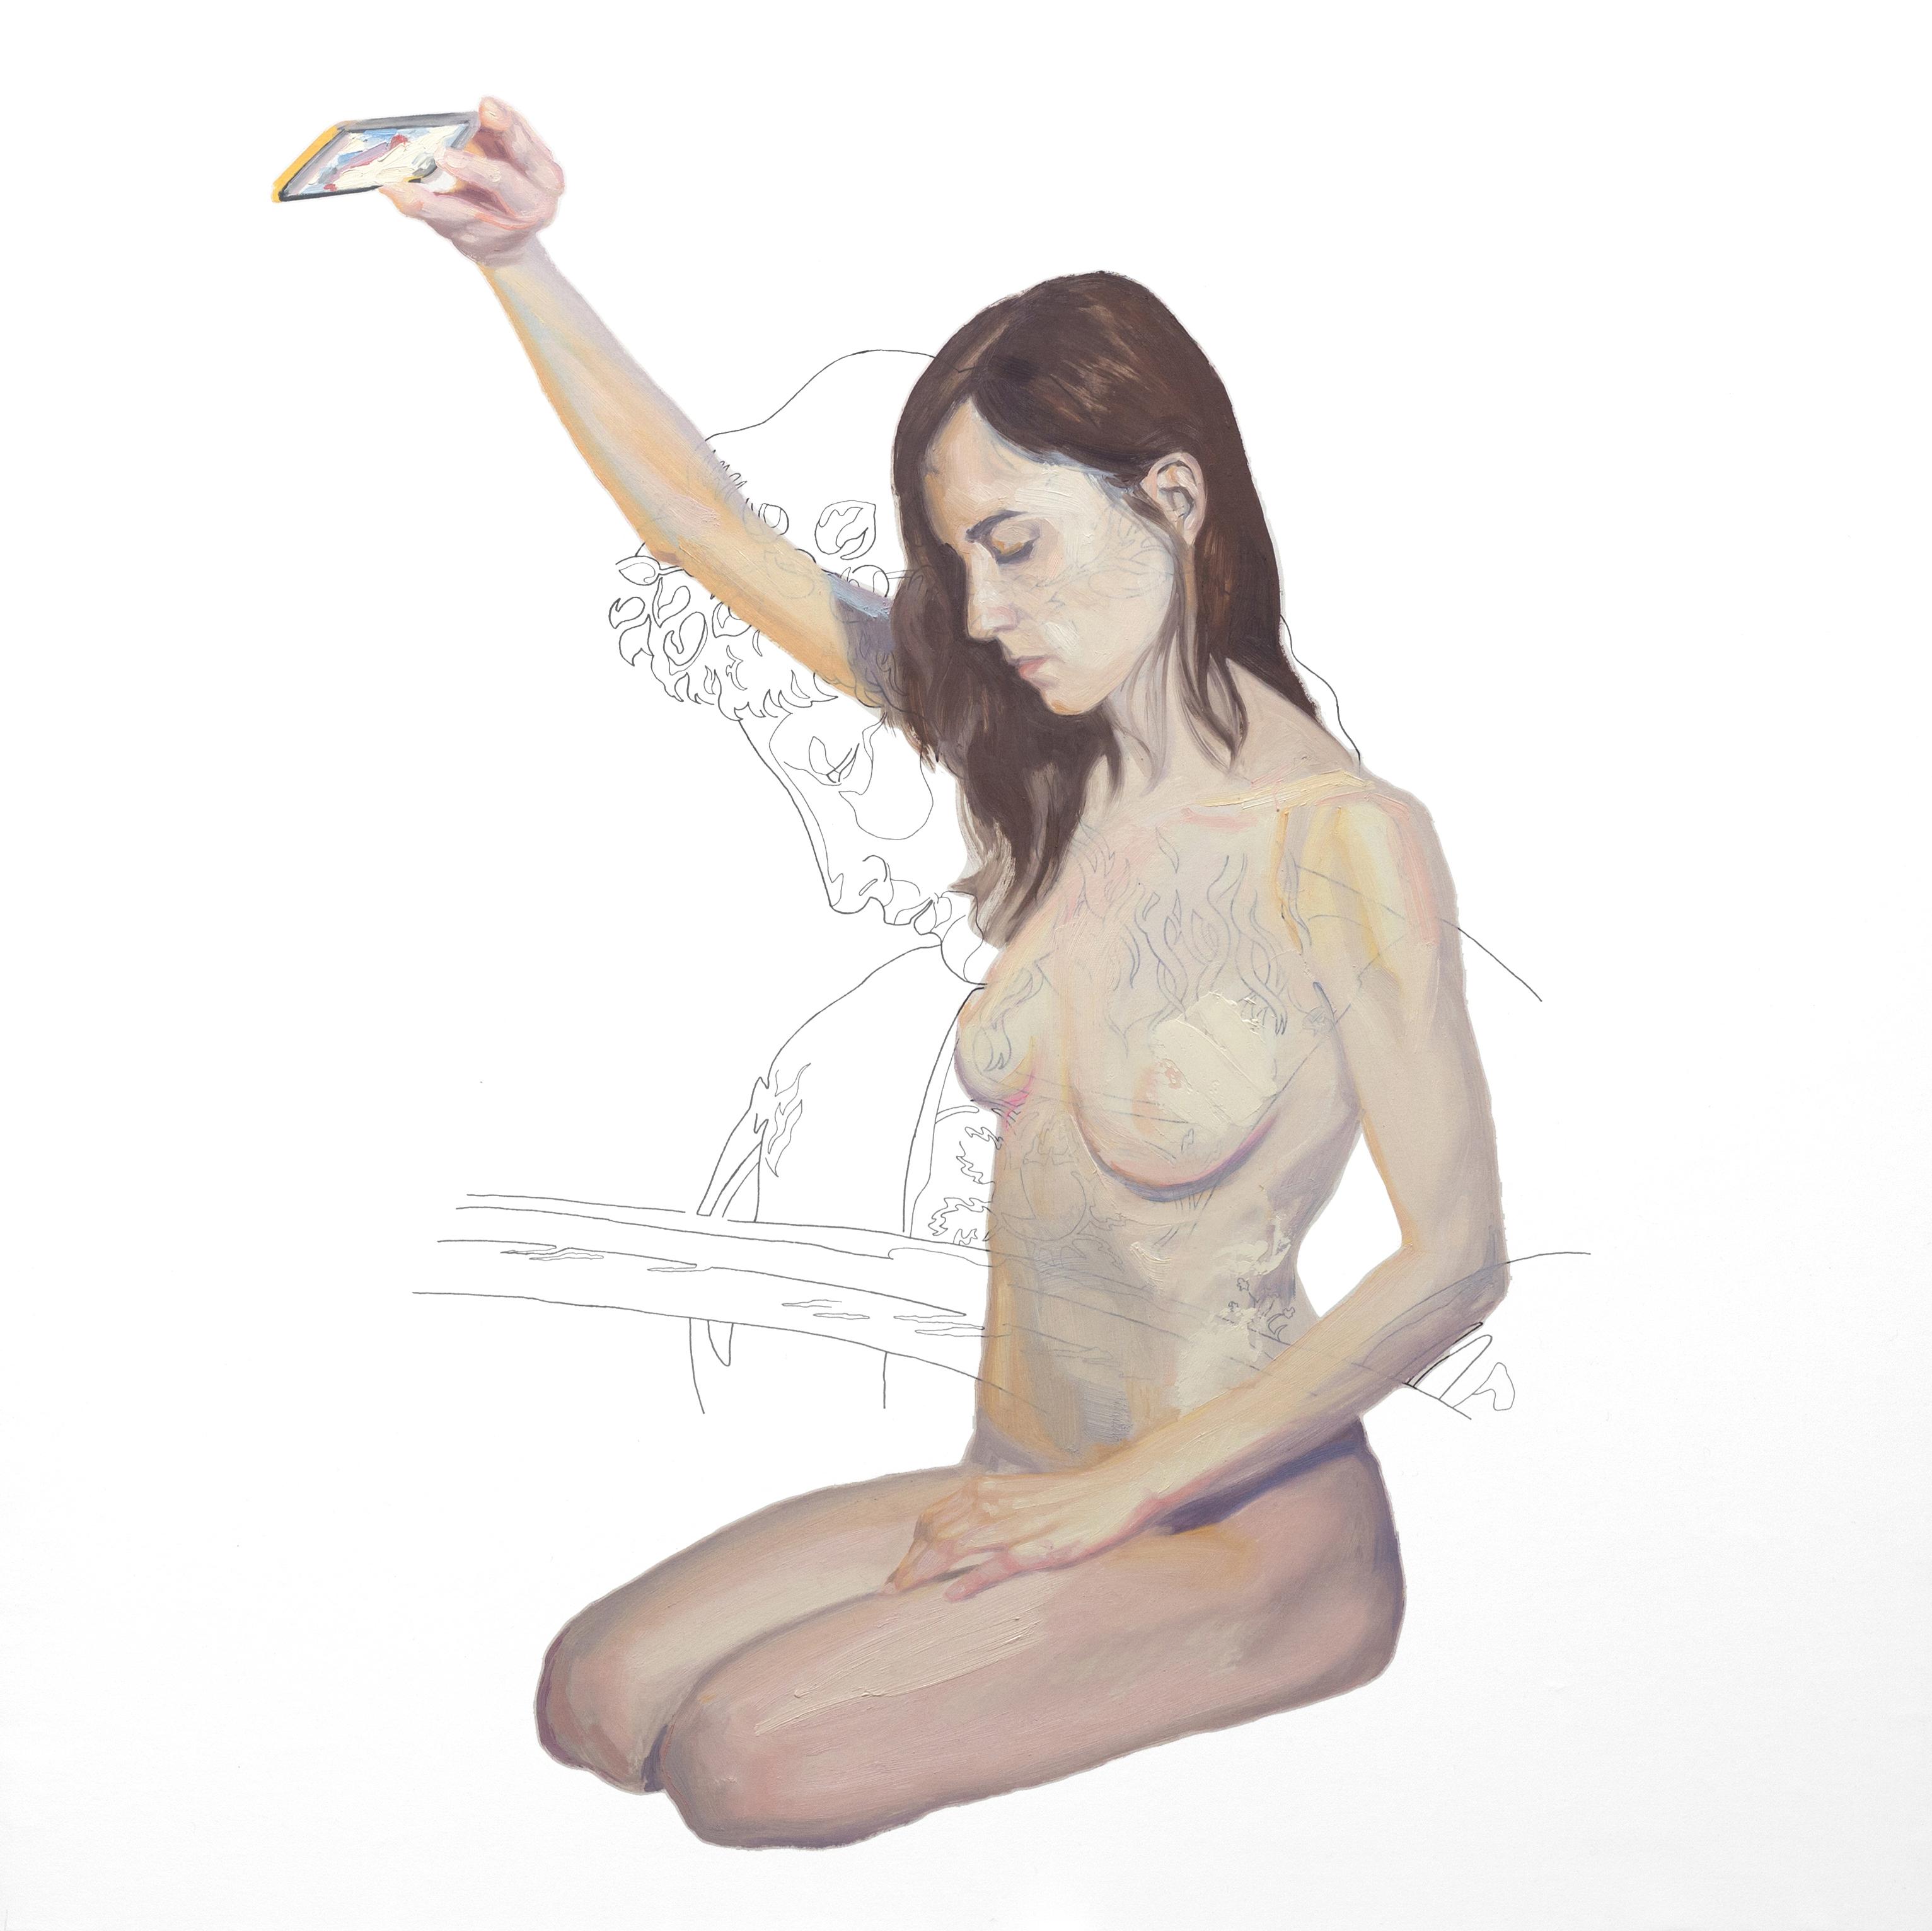 Se desea a sí mismo sin saberlo. Tinta china y óleo sobre lienzo. 80 x 80 cm.